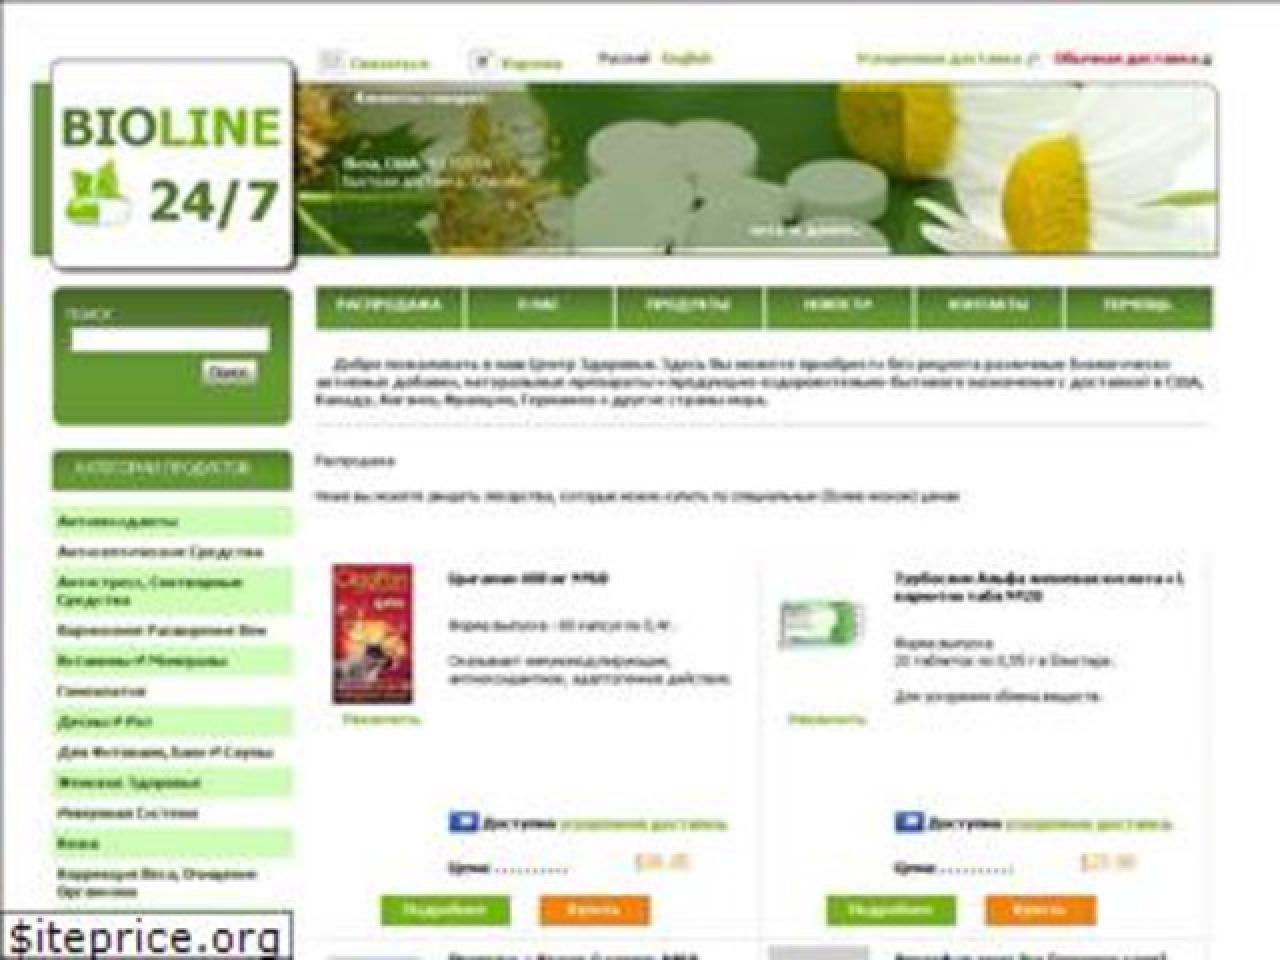 Добро пожаловать в наш Центр Здоровья bioline247 - 2